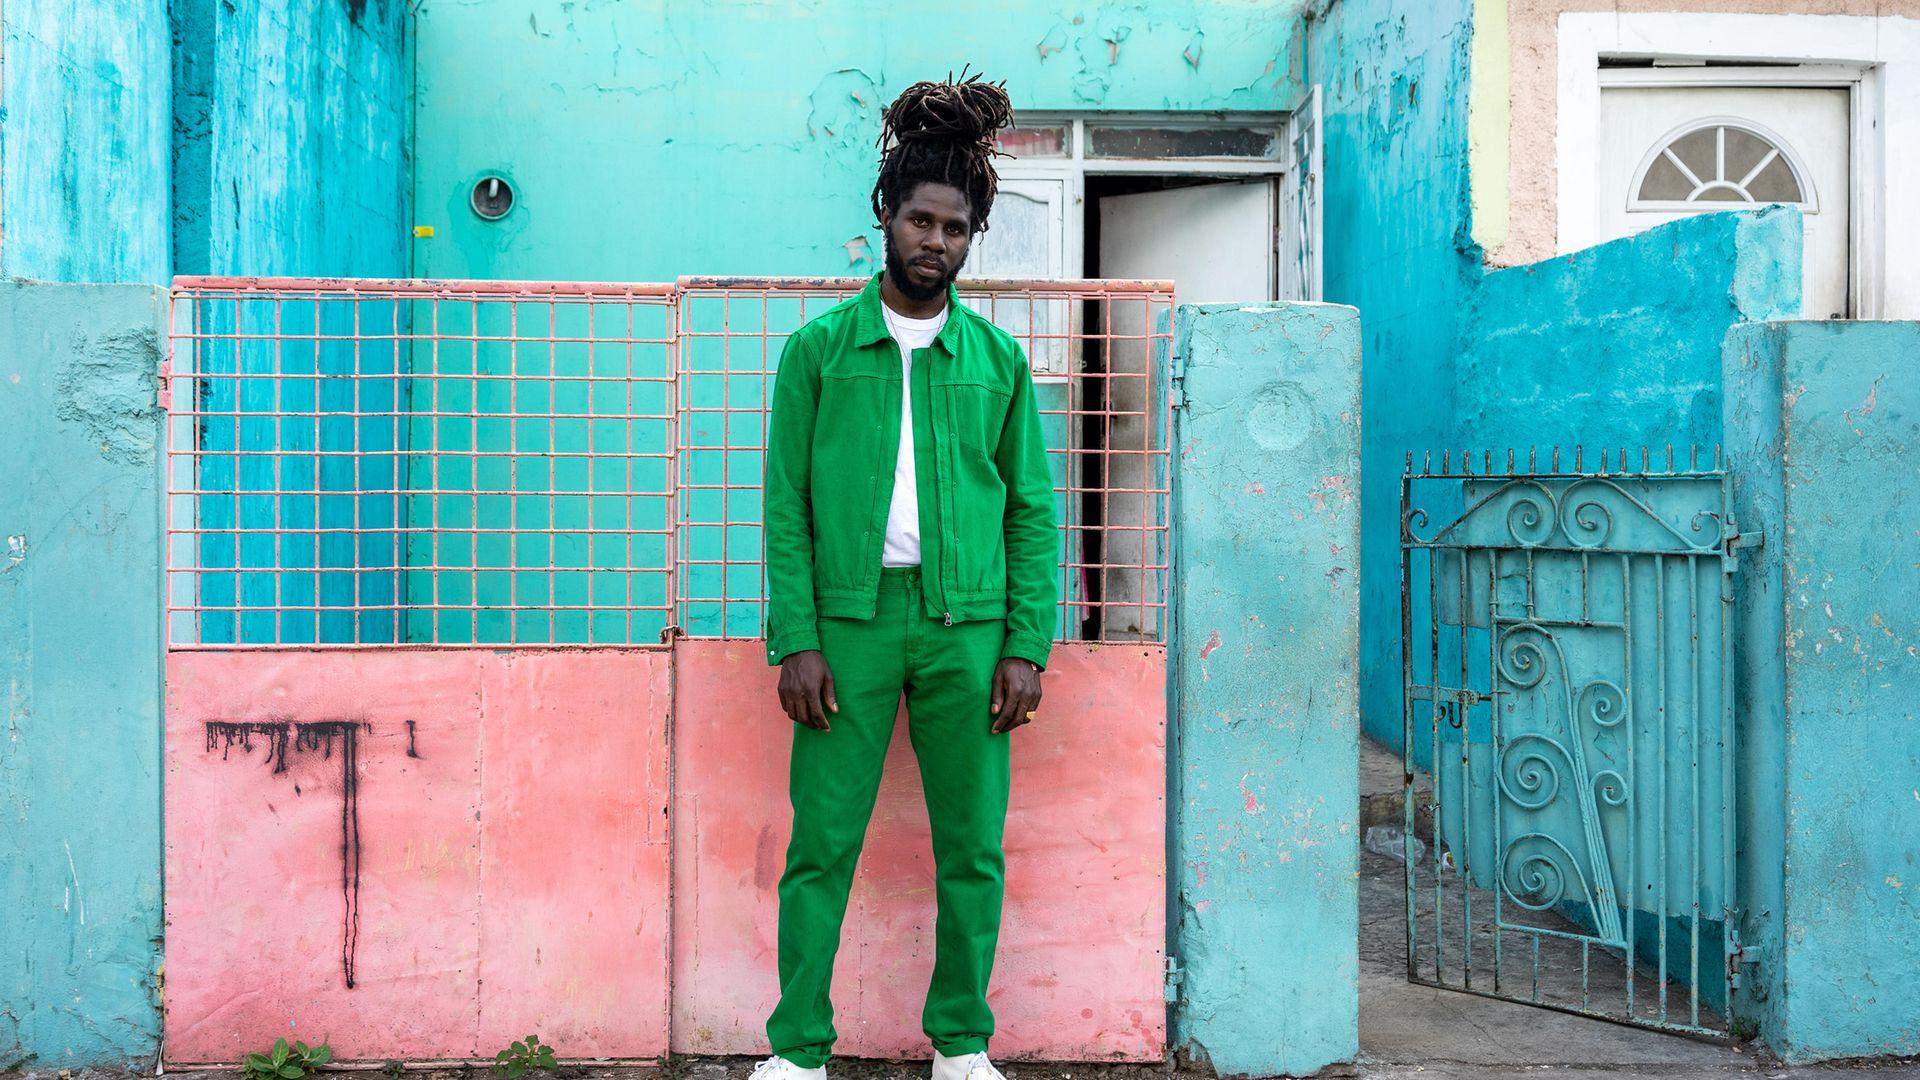 Chronixx's latest album Dela Splash has reinforced comparisons with reggae icon Bob Marley - Credit: El Peru